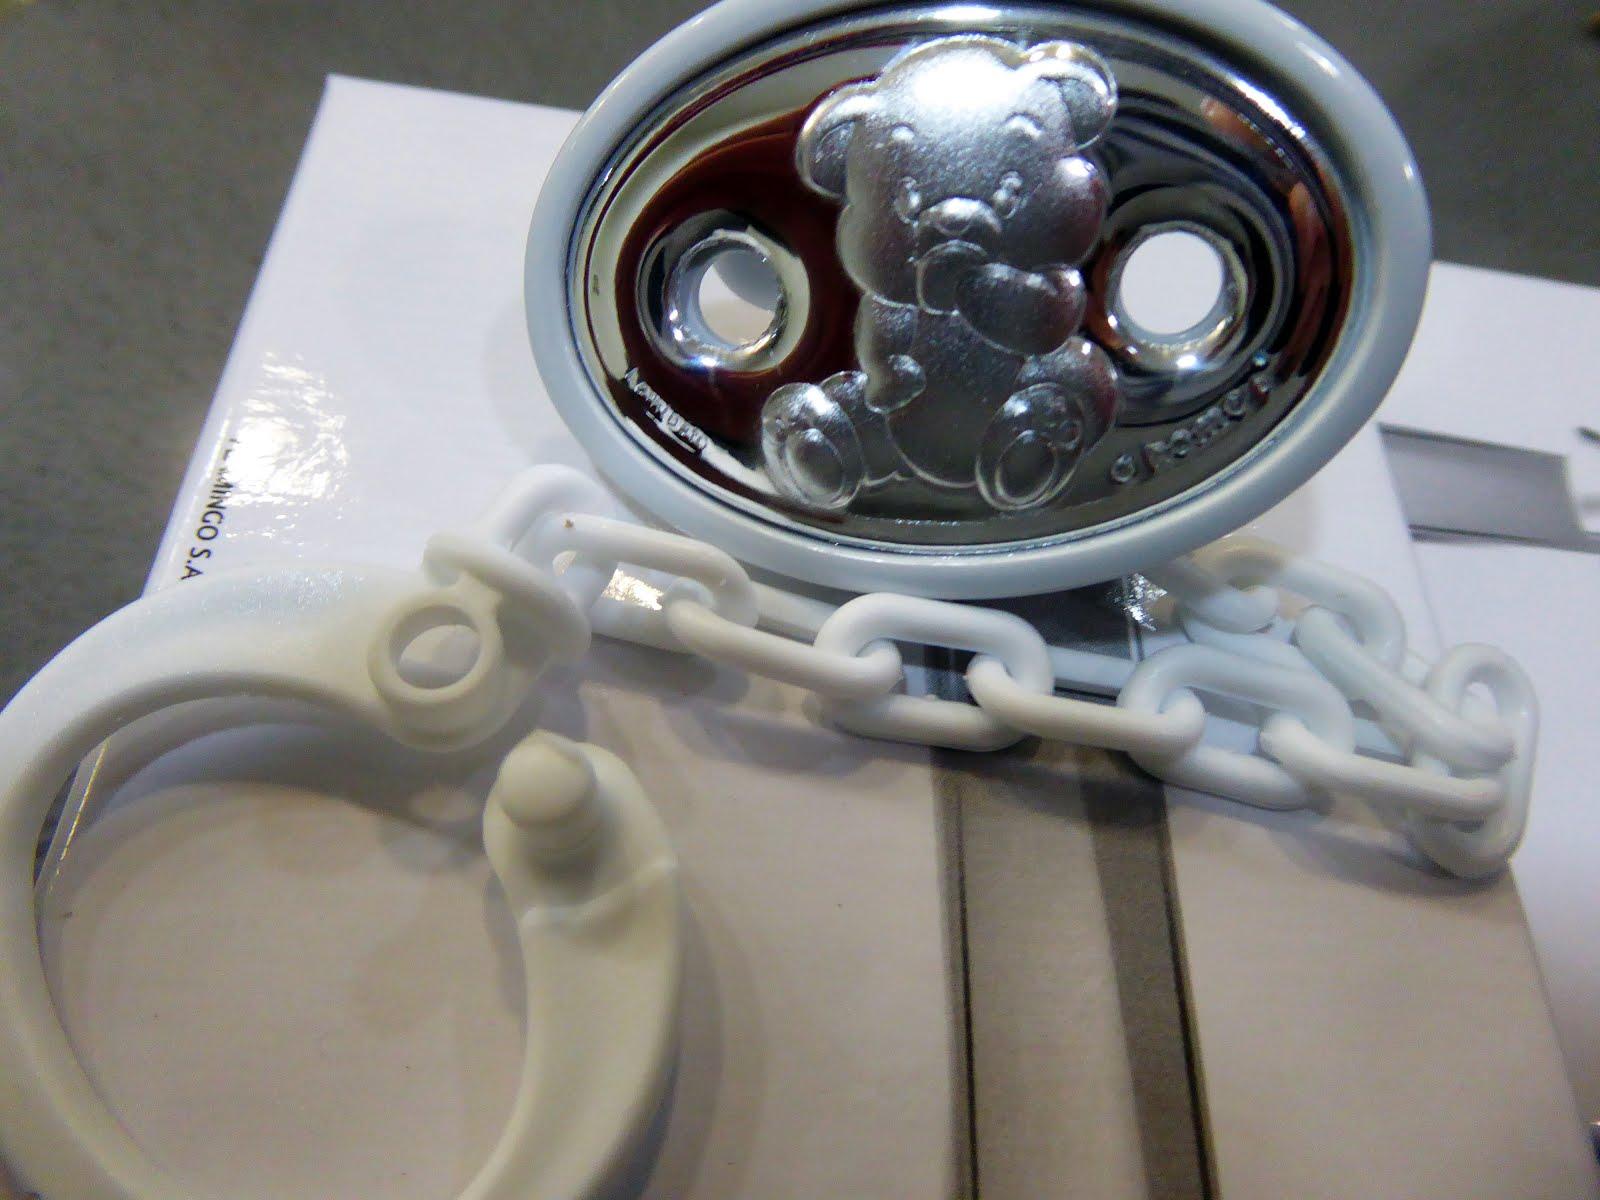 Chupeteros de plata, color blanco con un oso